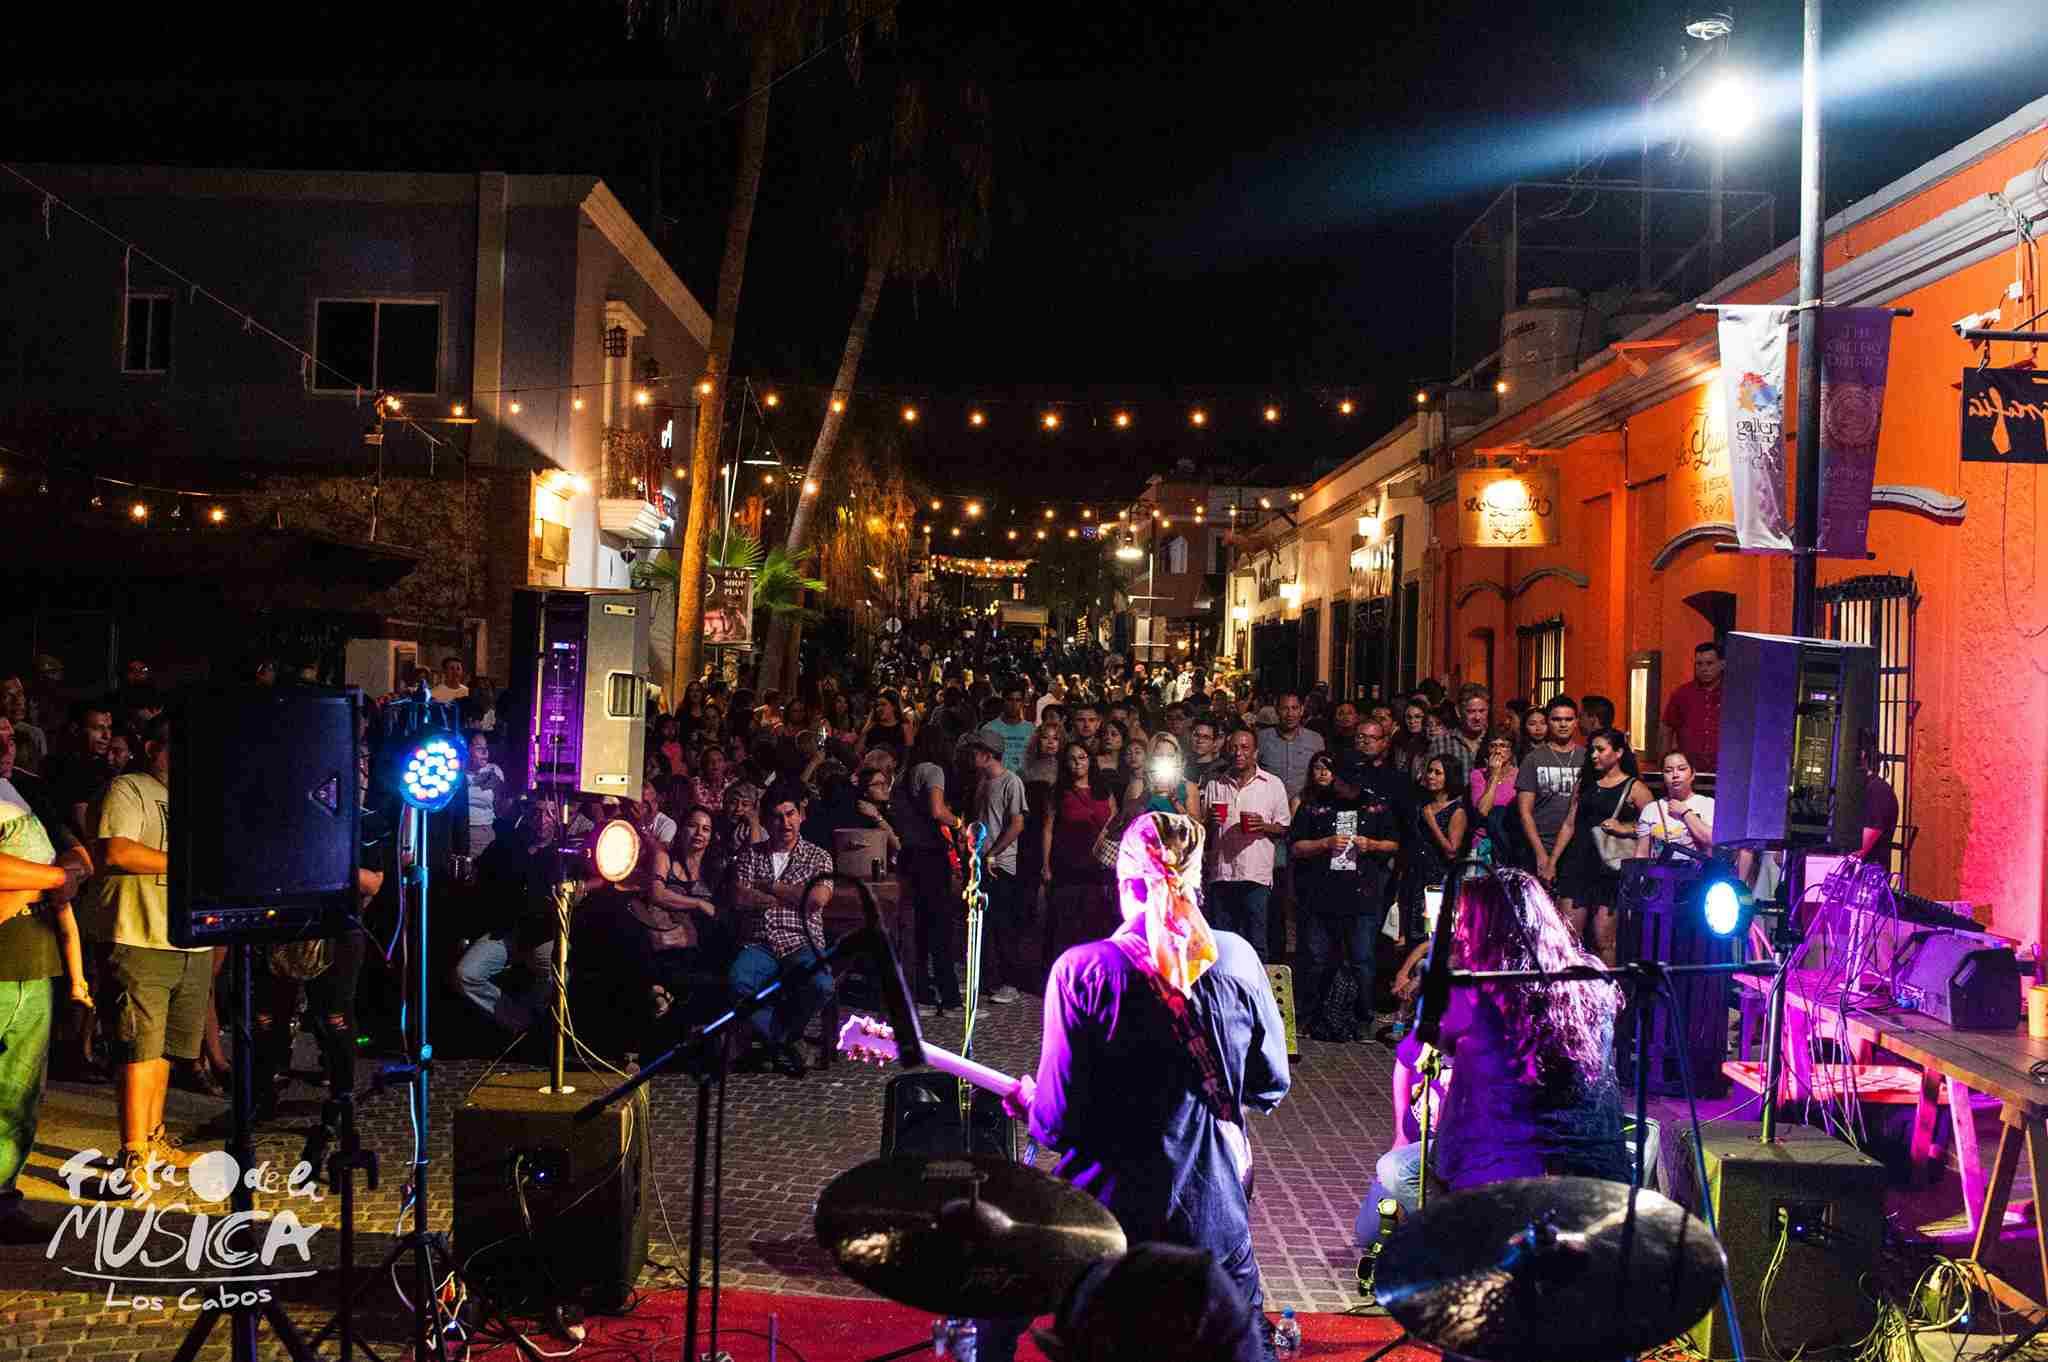 Fiesta de la Música Los Cabos